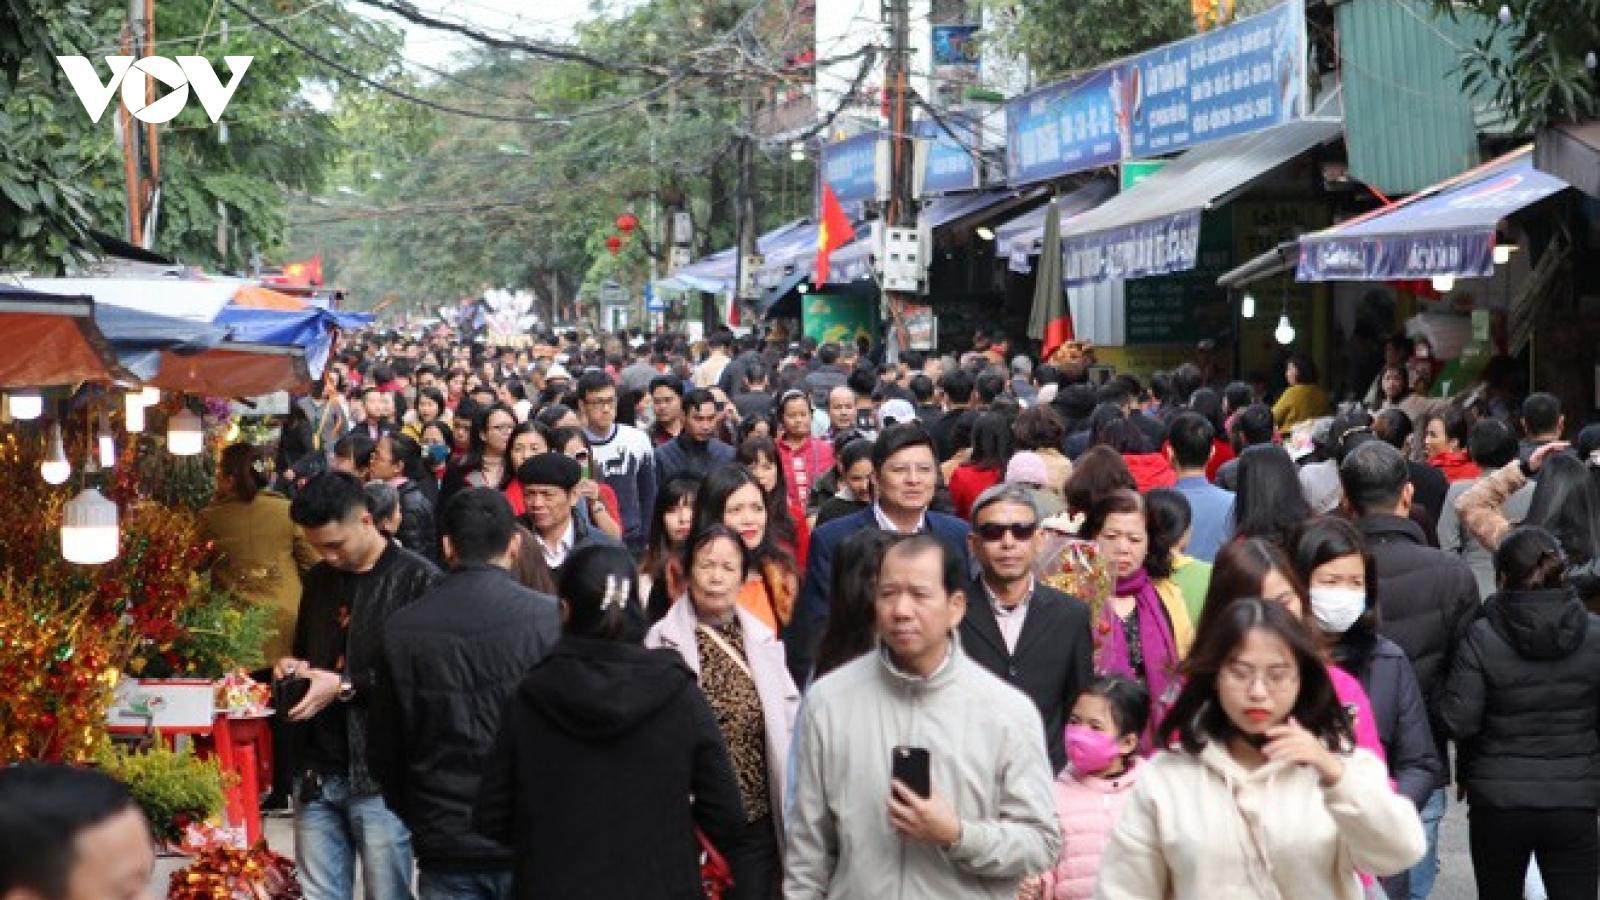 Tạm dừng tất cả các hoạt động tôn giáo, tín ngưỡng tại Chí Linh và Đông Triều